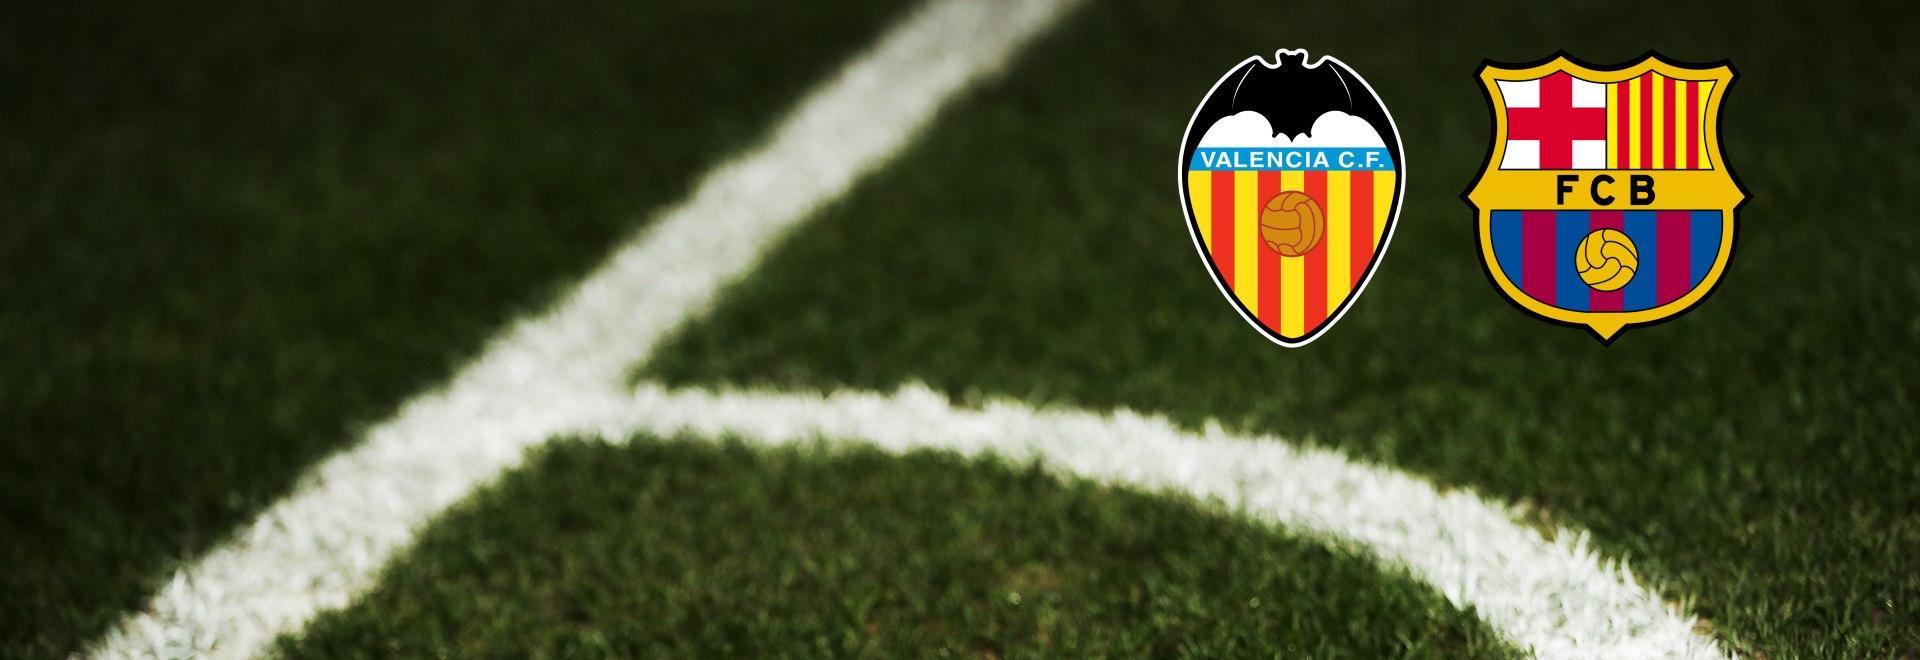 Valencia - Barcellona. 34a g.